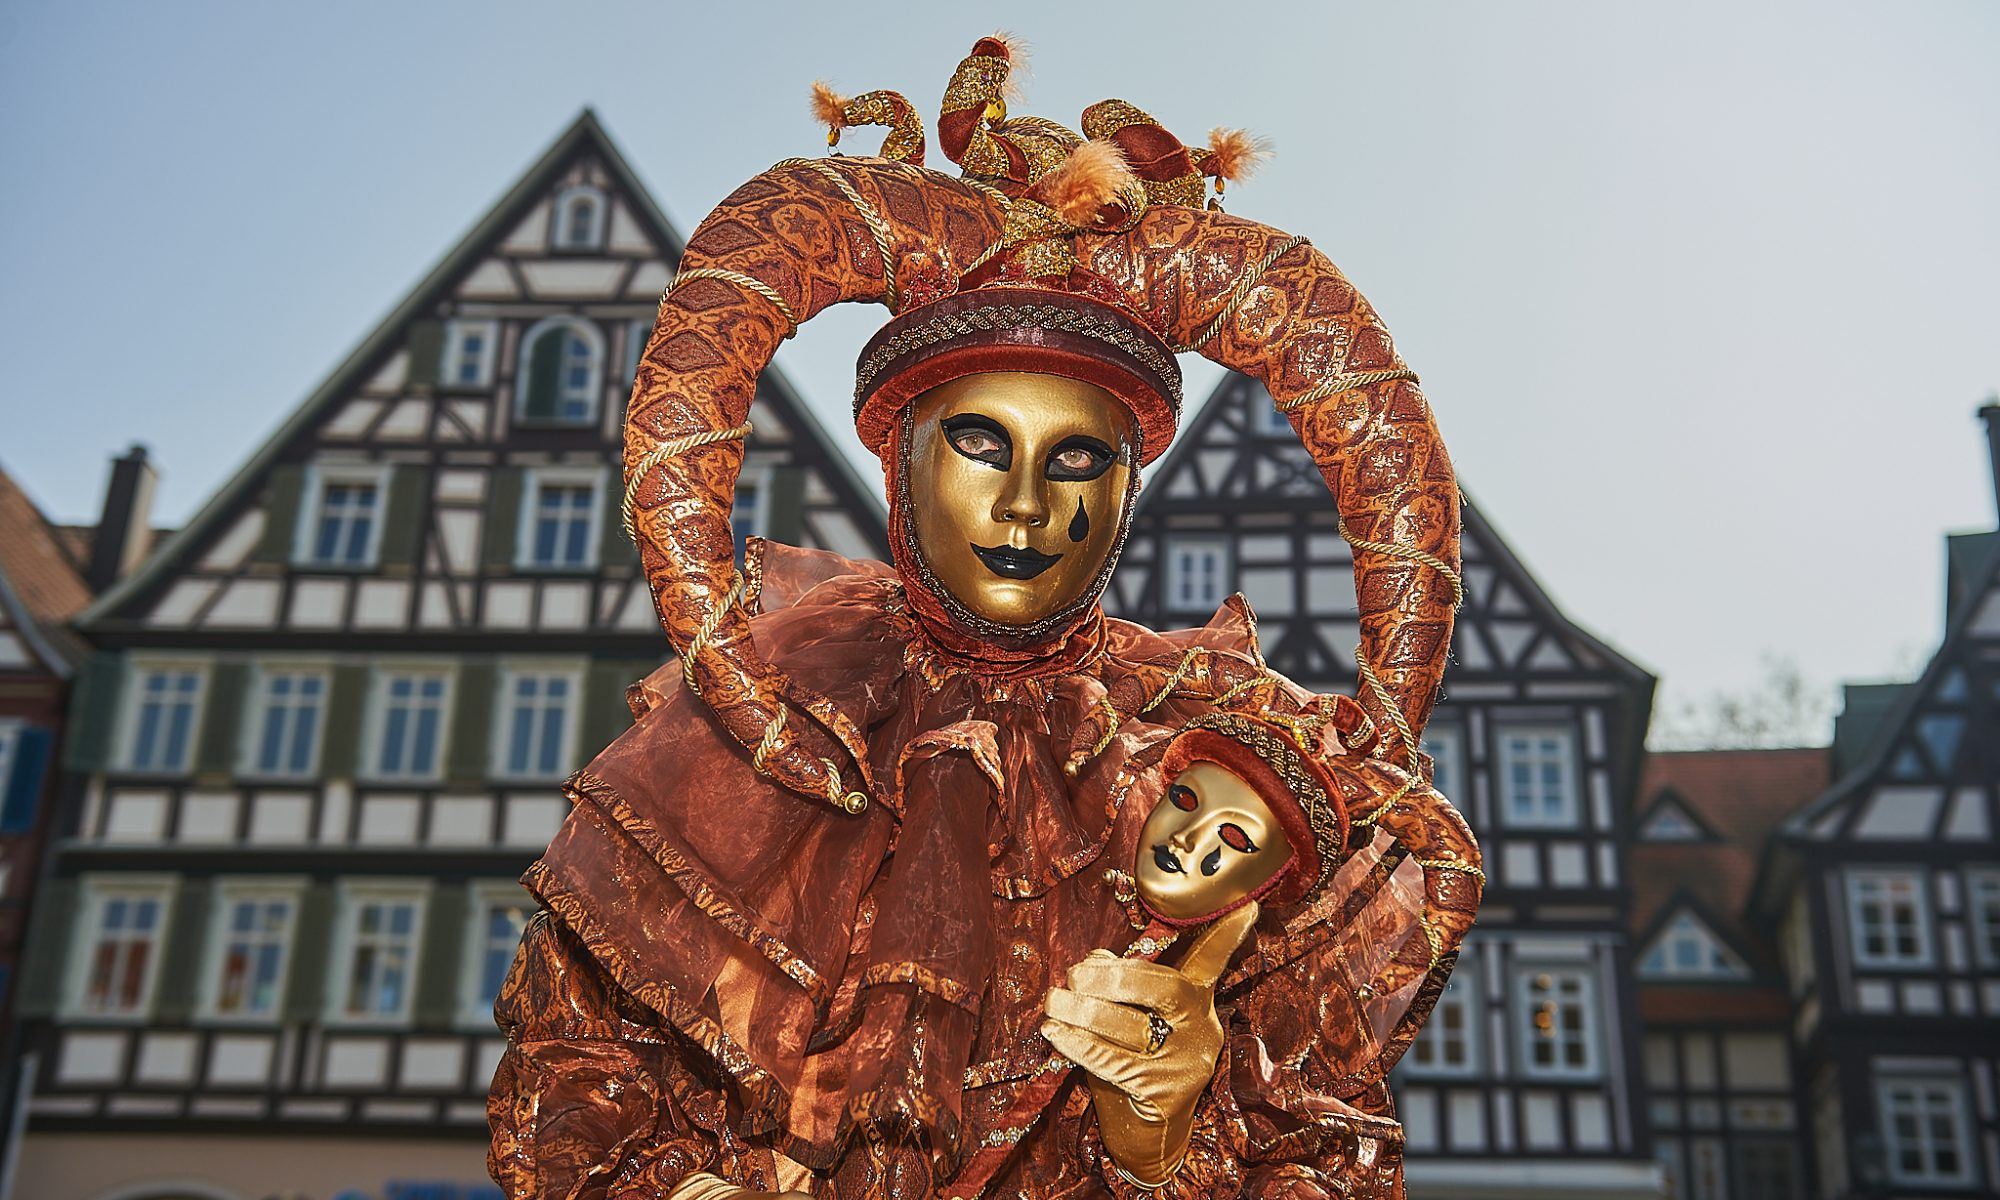 Maskenfrühling Schorndorf